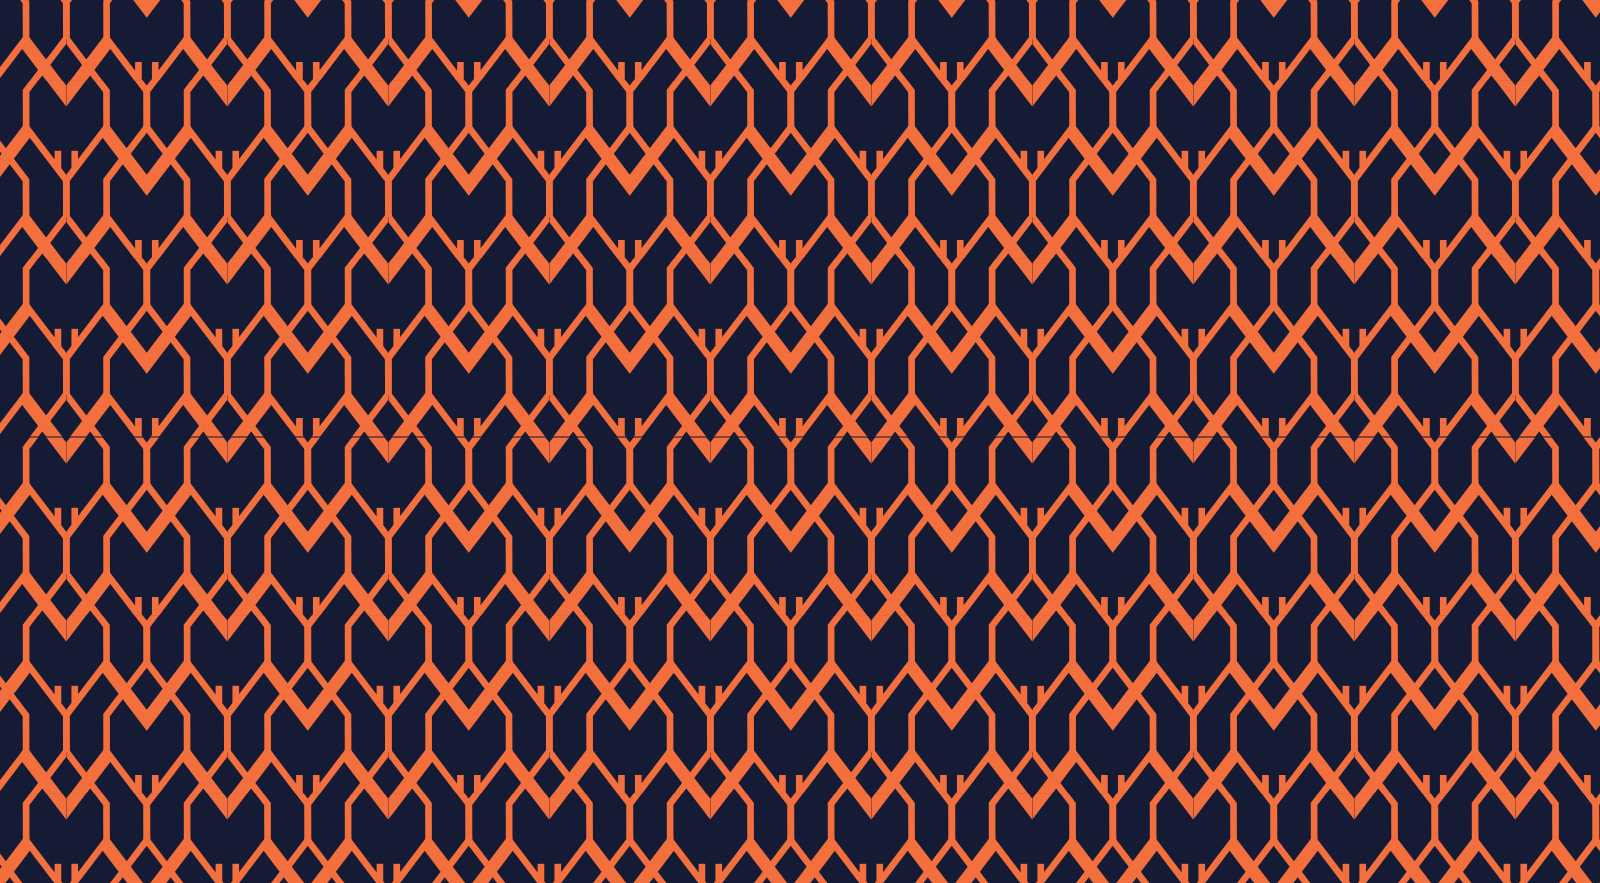 vastersjons_bygg_och_kakel-logo-Mia_Olofsson_02